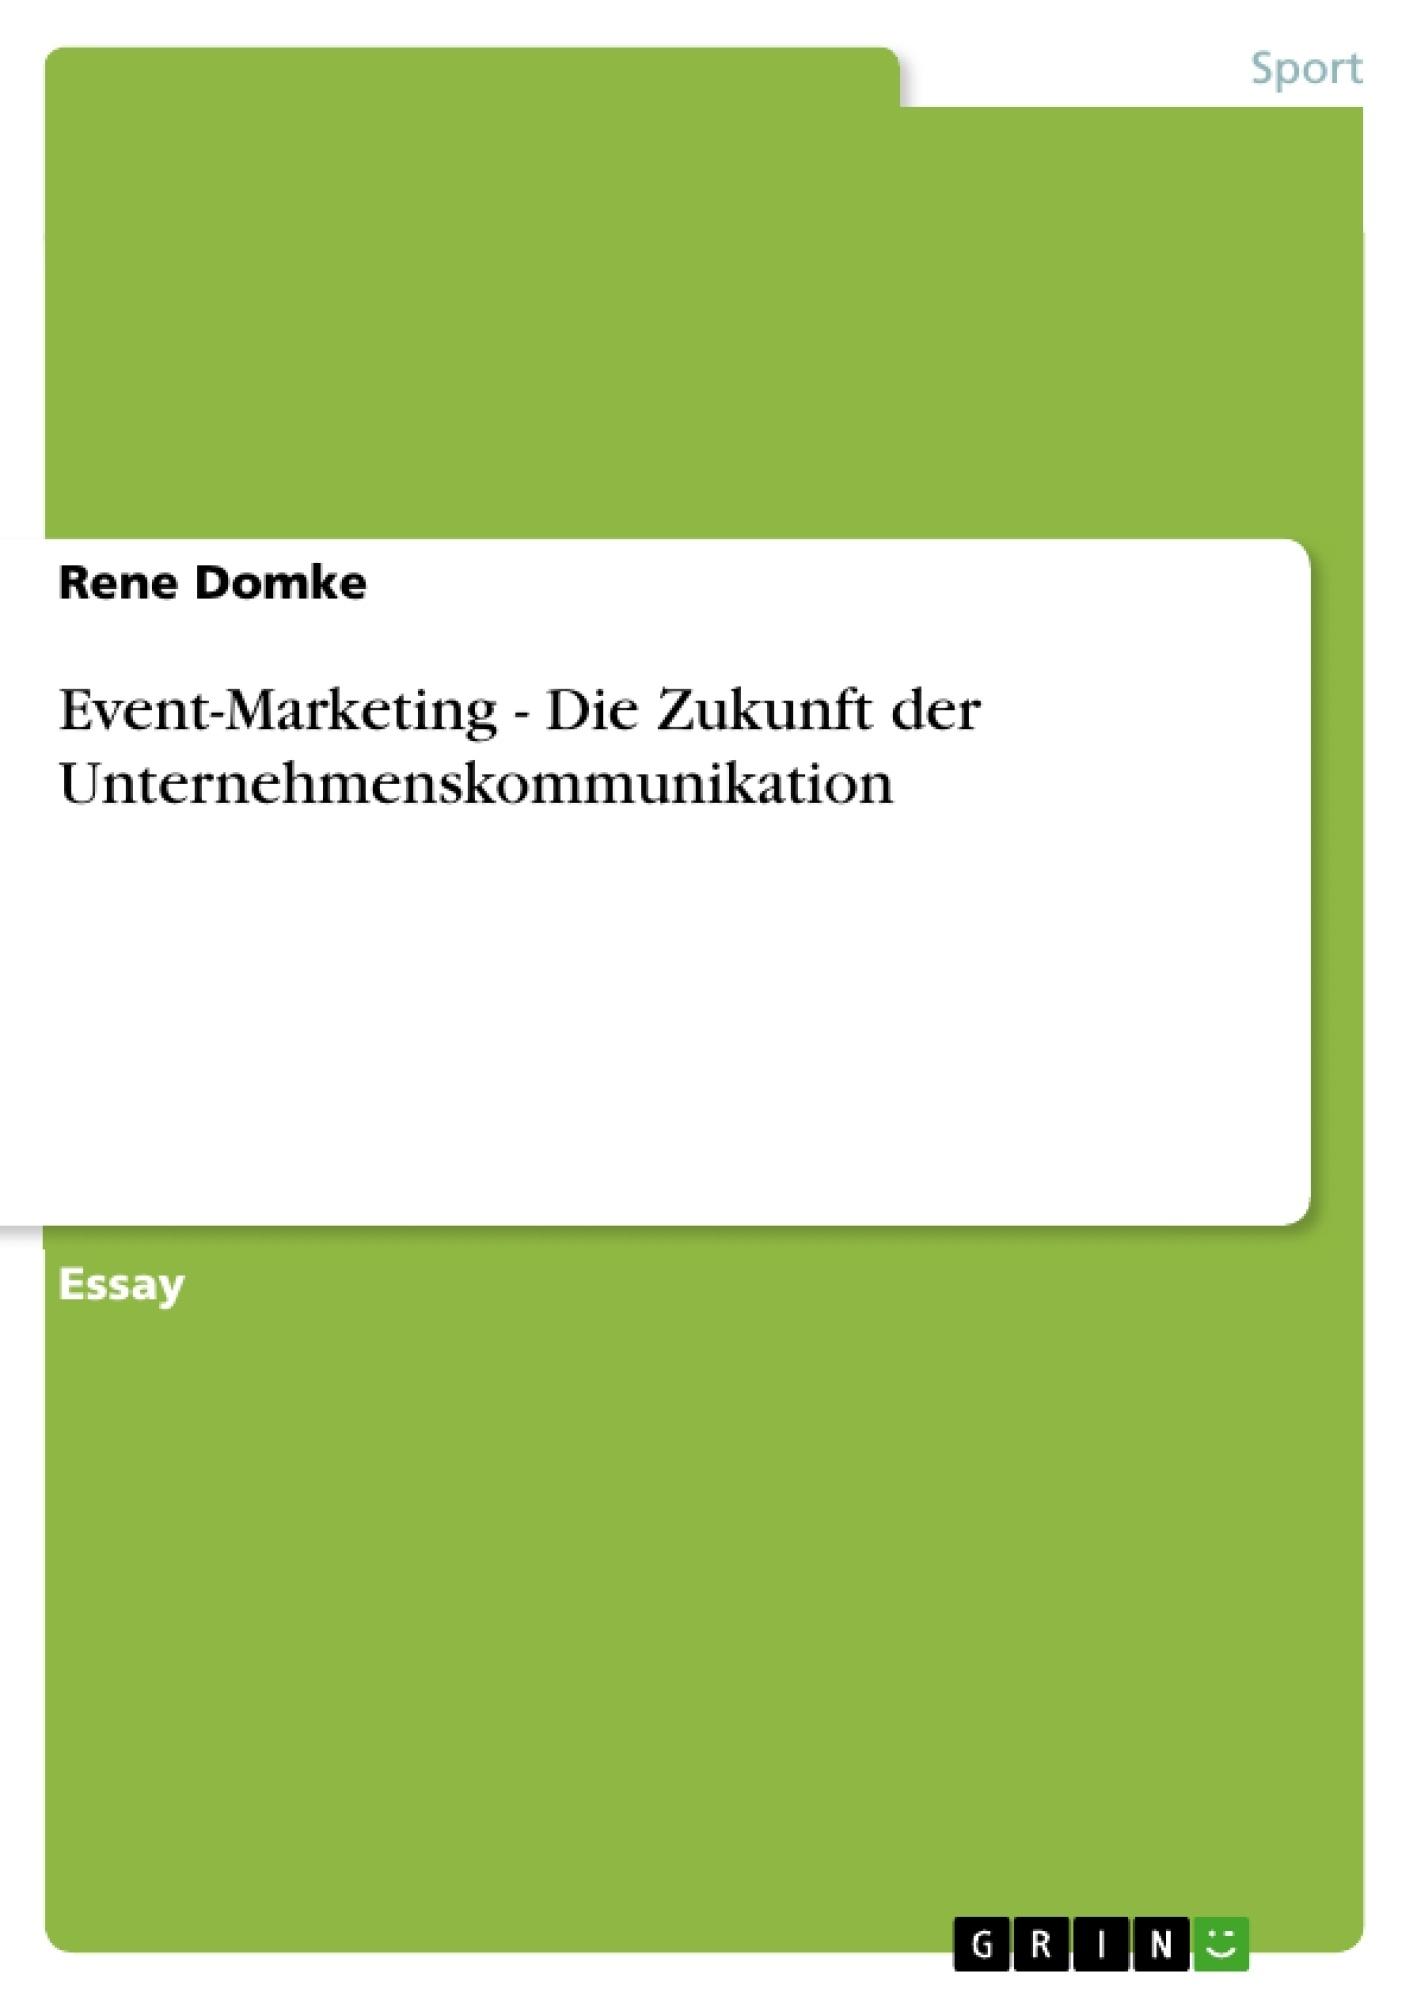 Titel: Event-Marketing - Die Zukunft der Unternehmenskommunikation